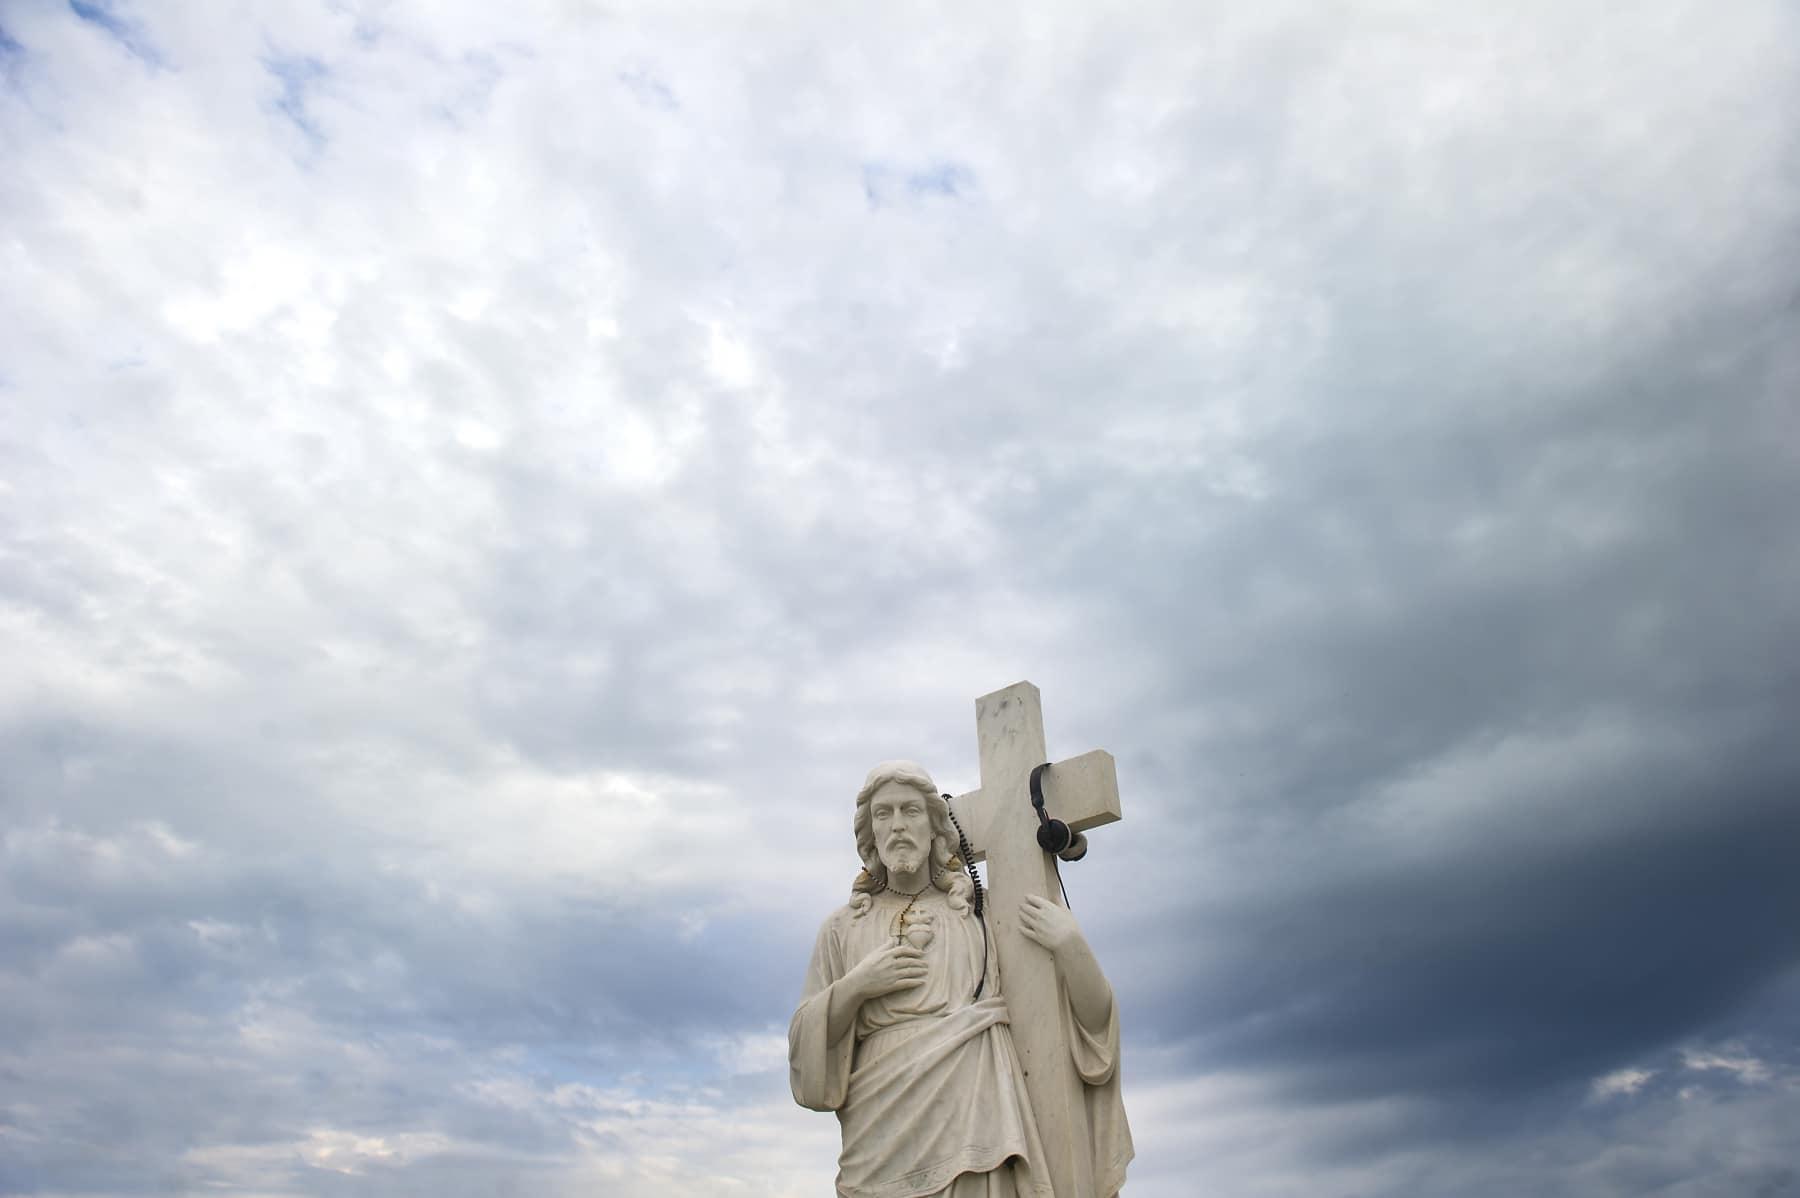 cementerio-catolico-gibraltar-04_9225016164_o